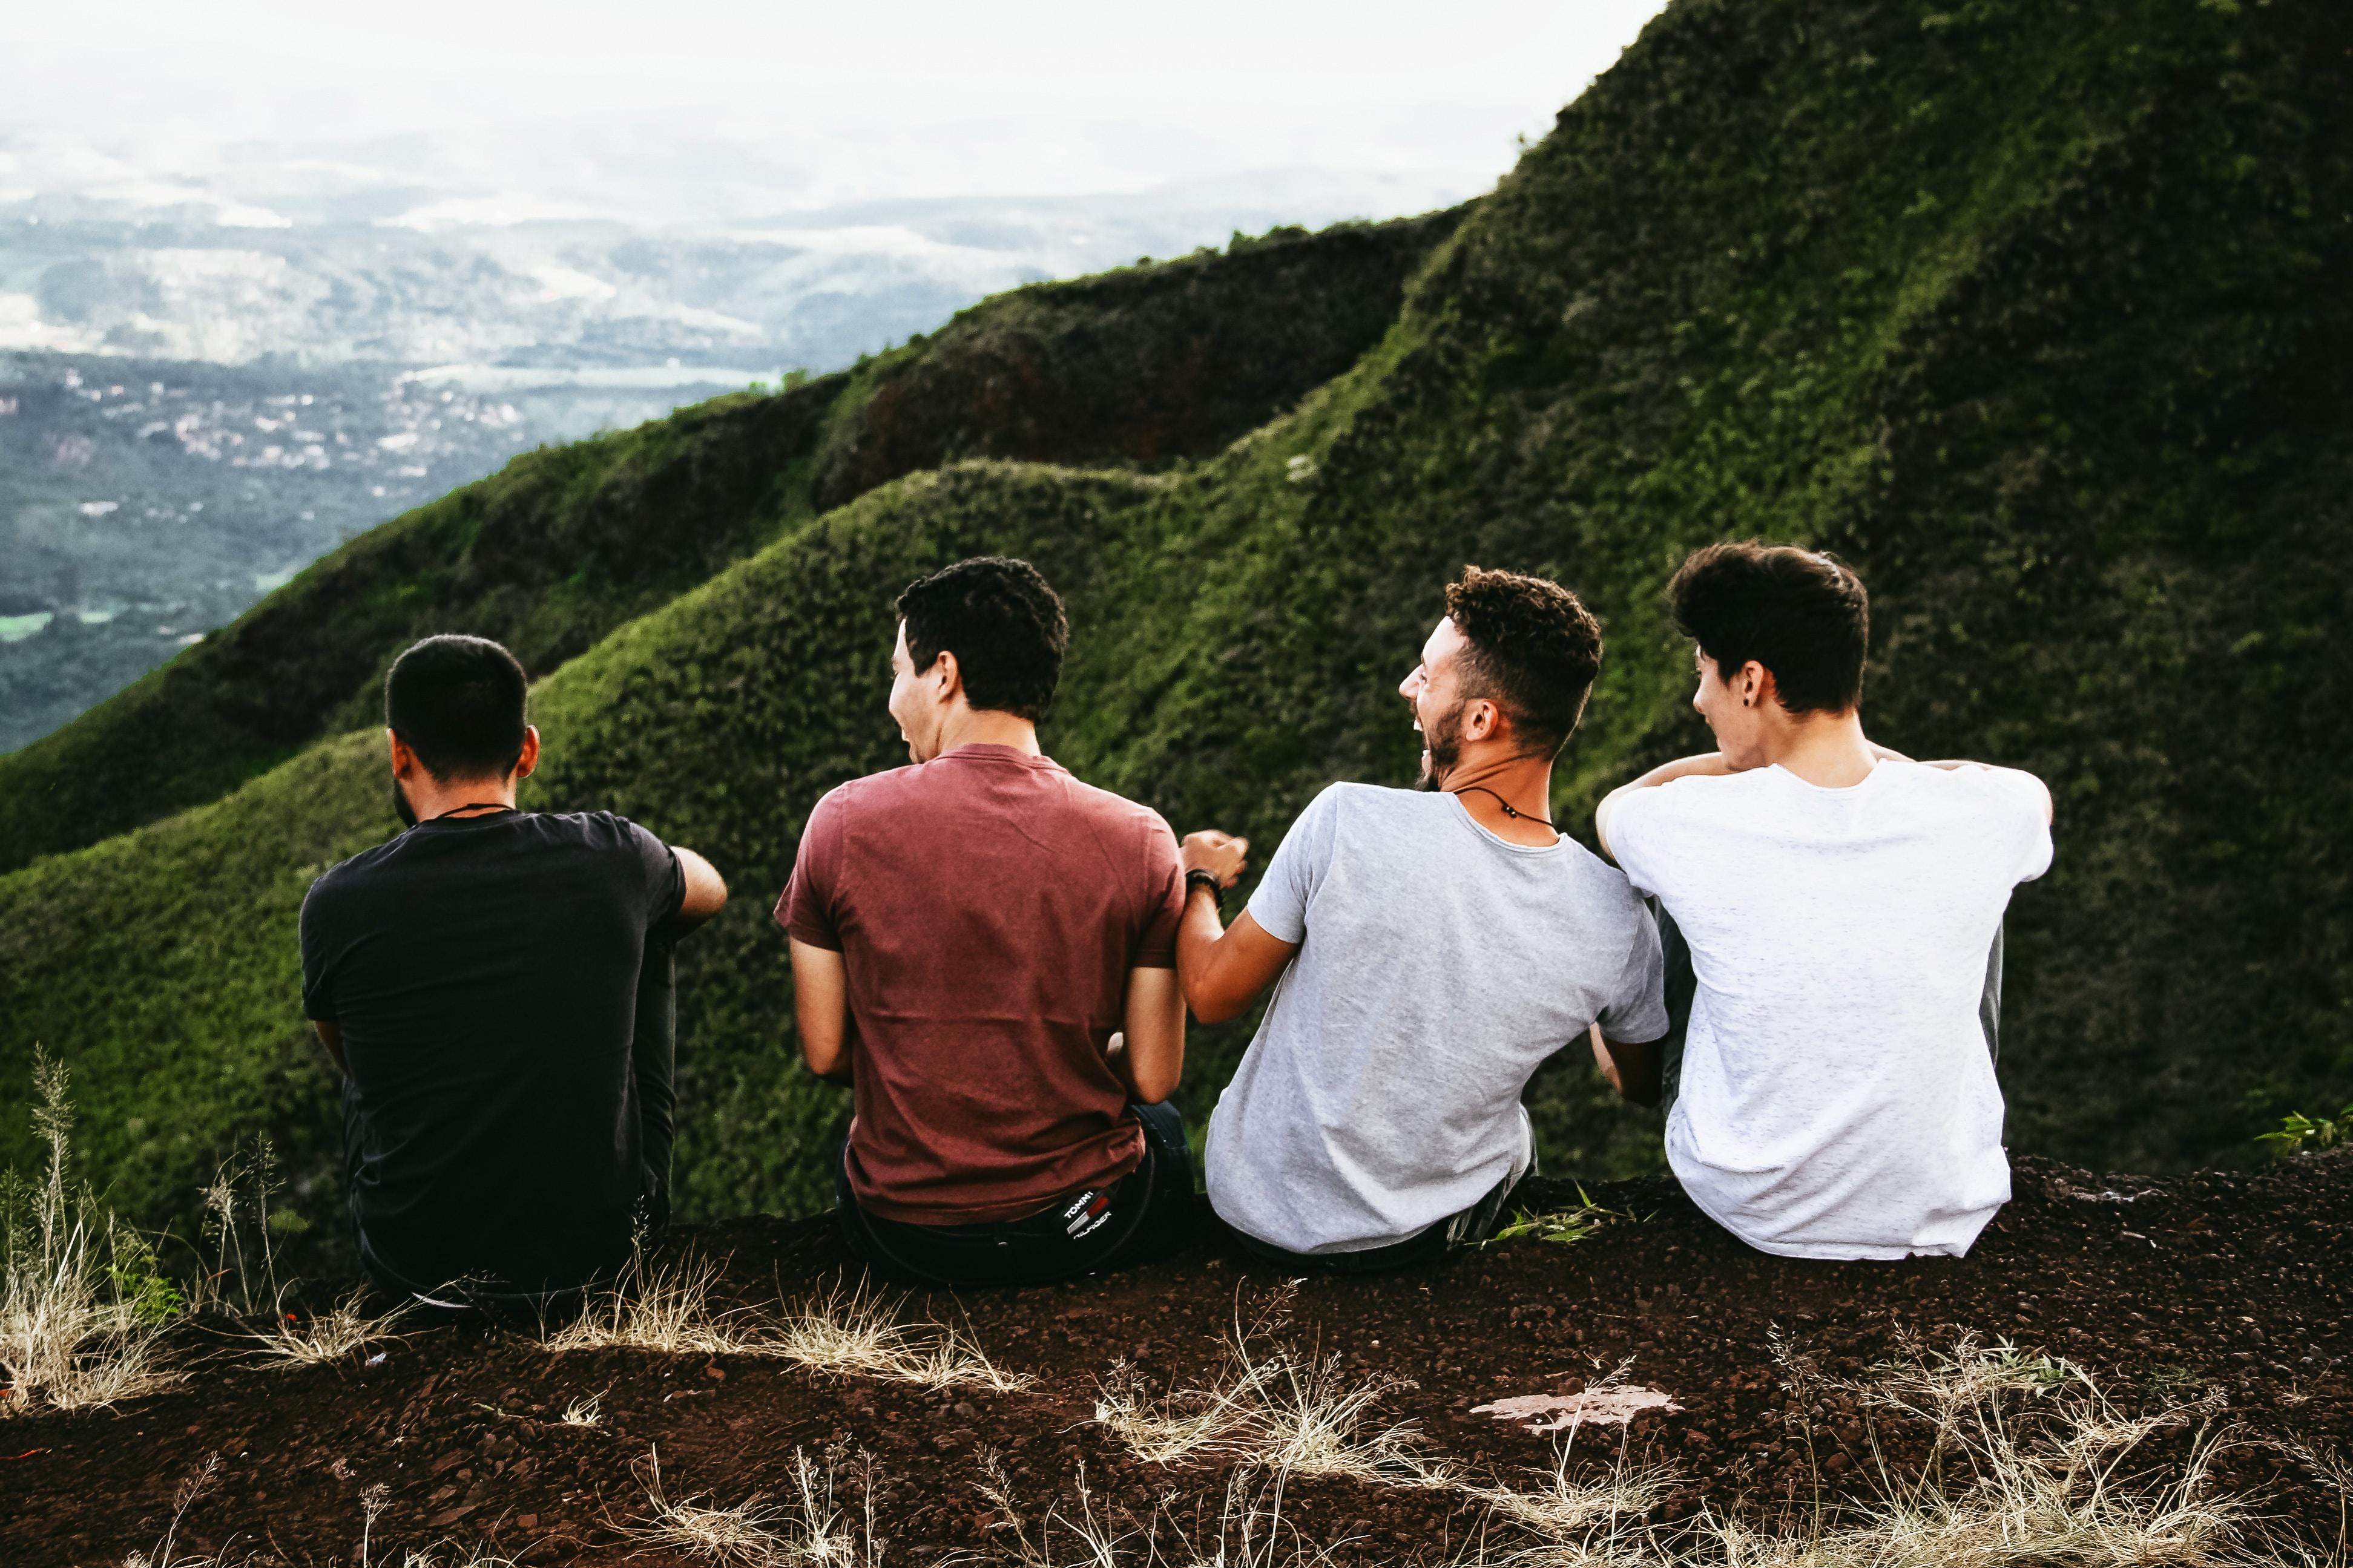 4 jeunes hommes riant ensemble assis sur le haut d'une montagne